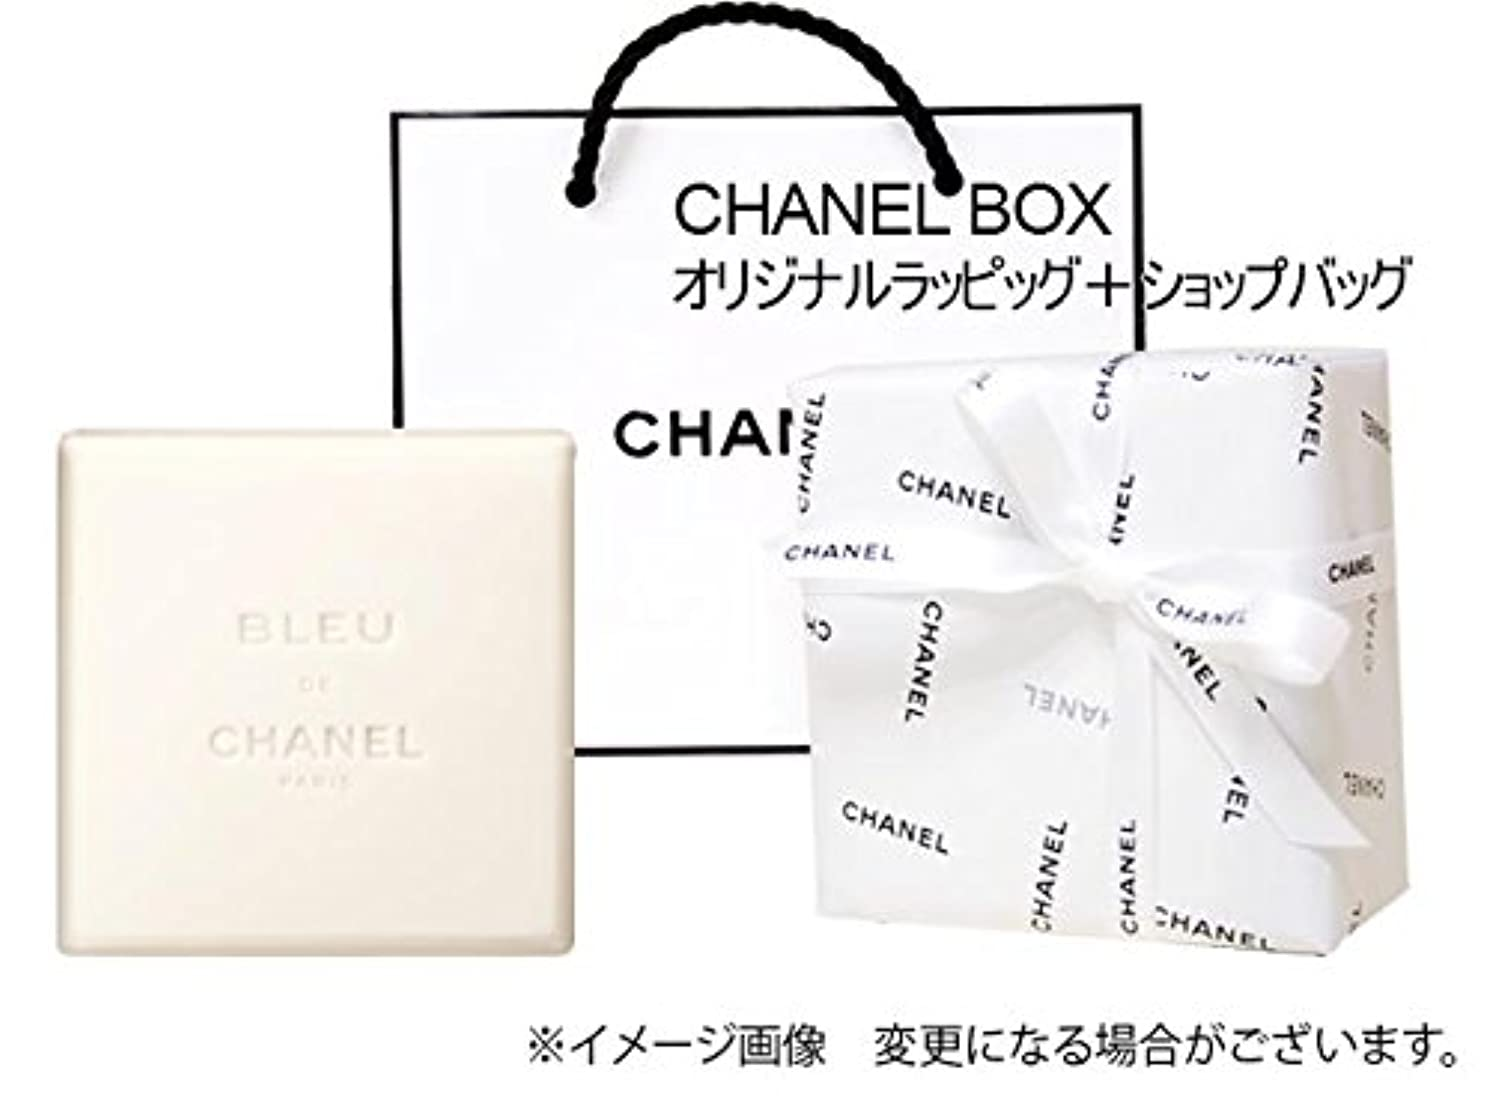 前書き近似ストラップCHANEL(シャネル)BLUE DE CHANEL BLUE DE CHANEL シャネル ブルー ドゥ シャネル サヴォン 200g CHANEL BOX オリジナルラッピング+ショップバッグ(並行輸入)